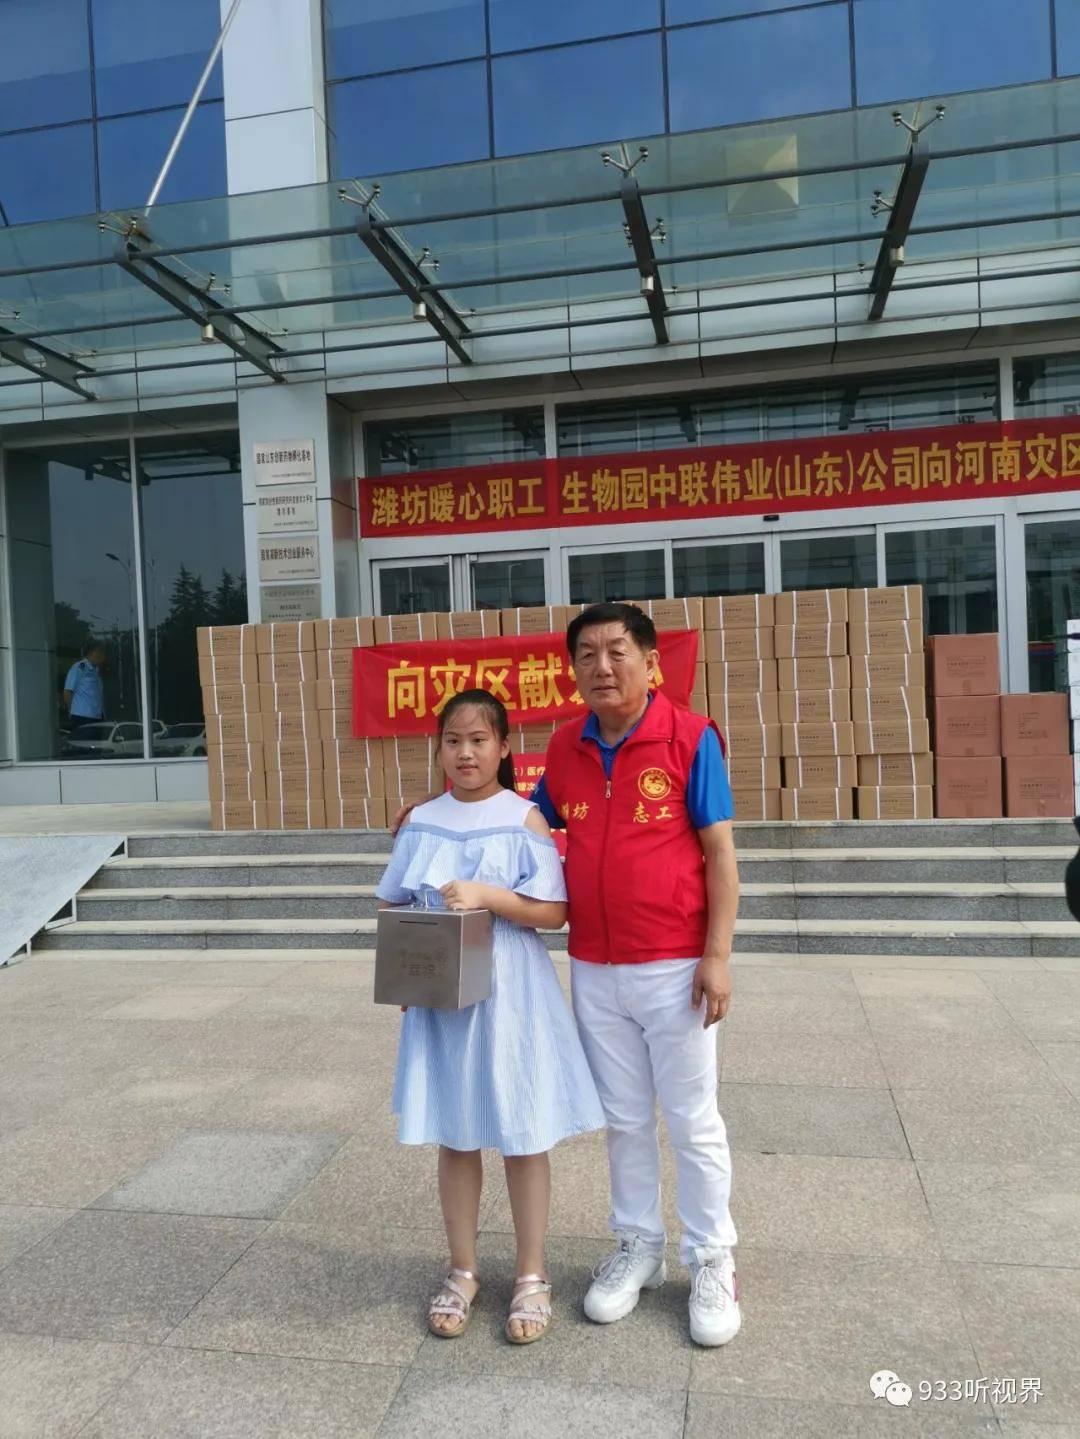 潍坊爱心企业和市民捐款捐物支援河南灾区(图4)